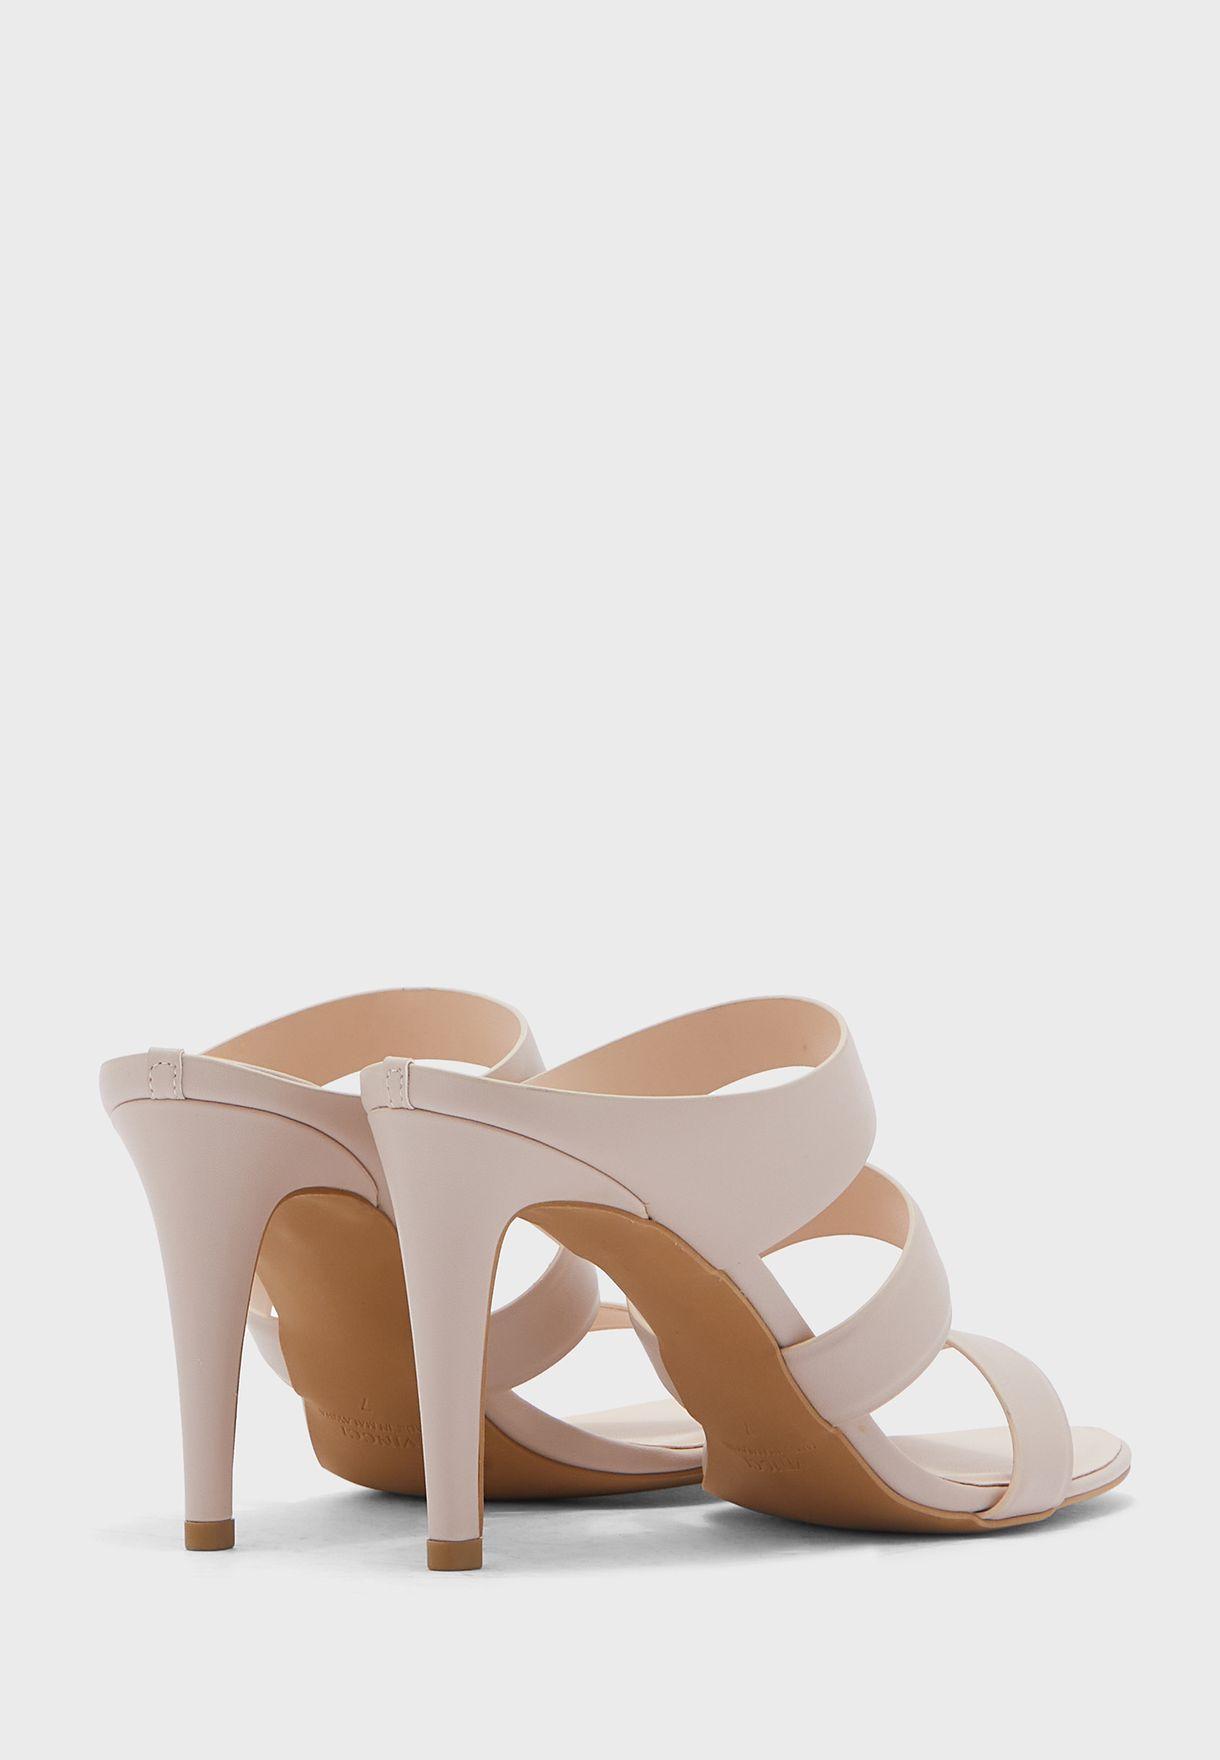 حذاء بكعب عالي واصابع مكشوفة